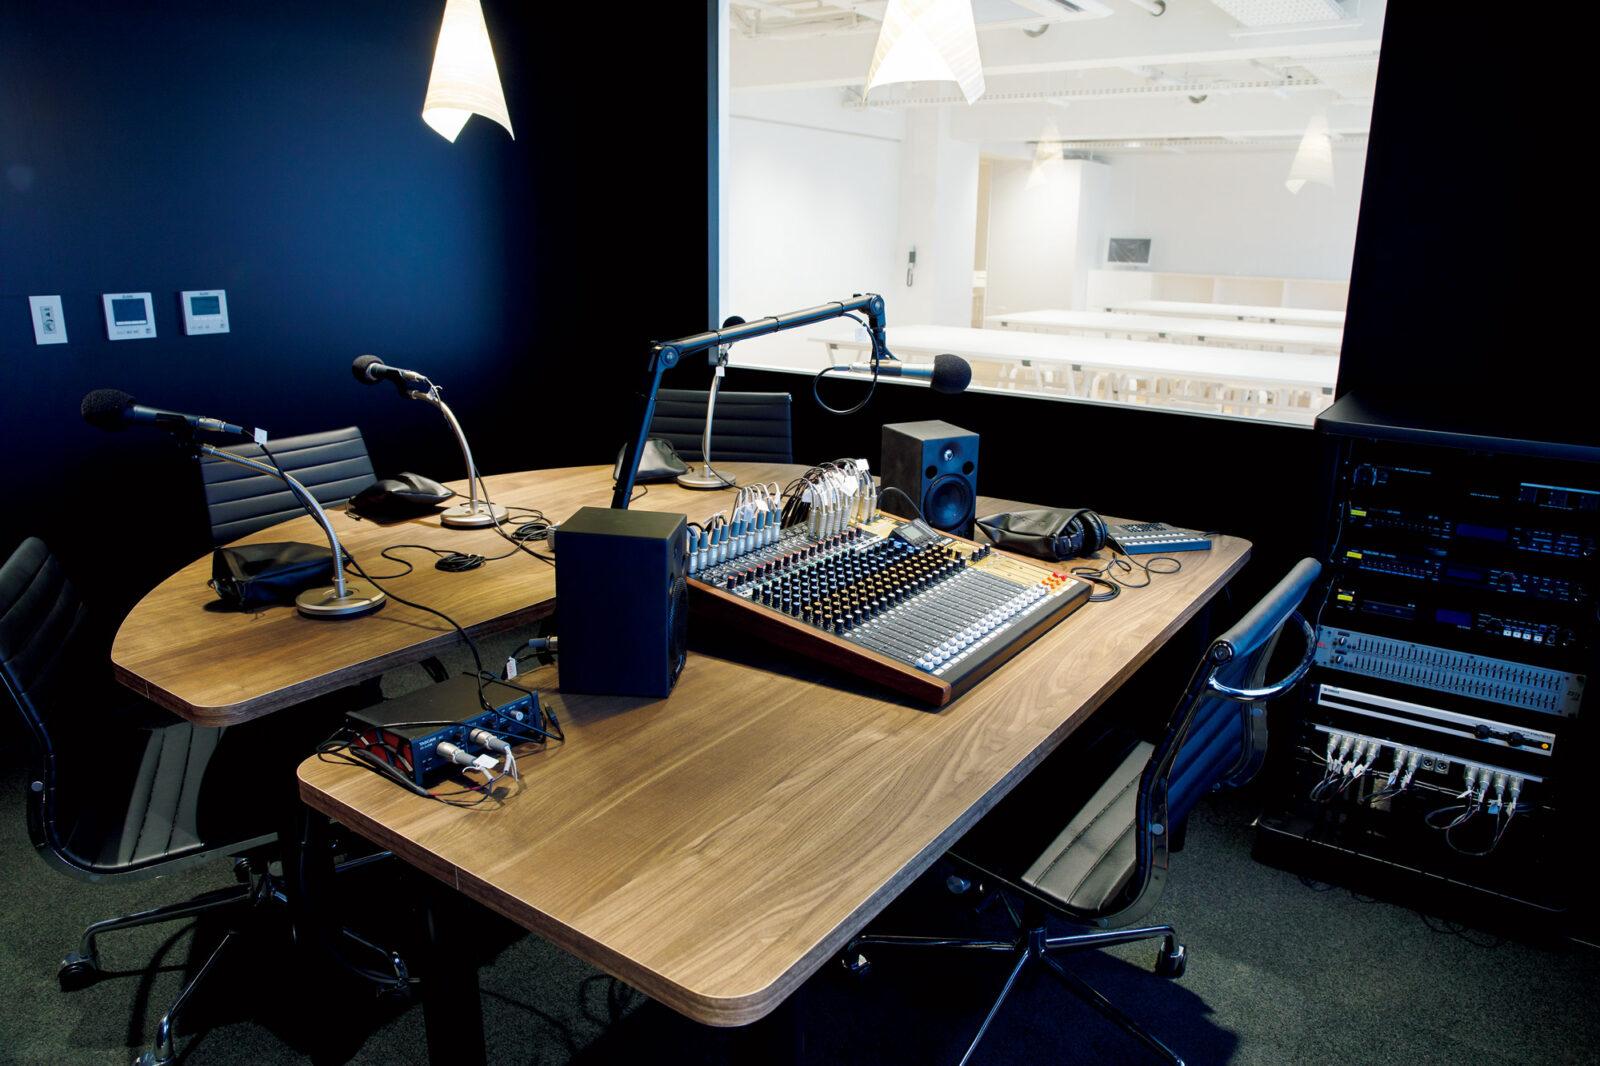 2階スタジオ。音読の文化にも注目し、朗読やラジオ番組など、発信の場として活用していく予定。